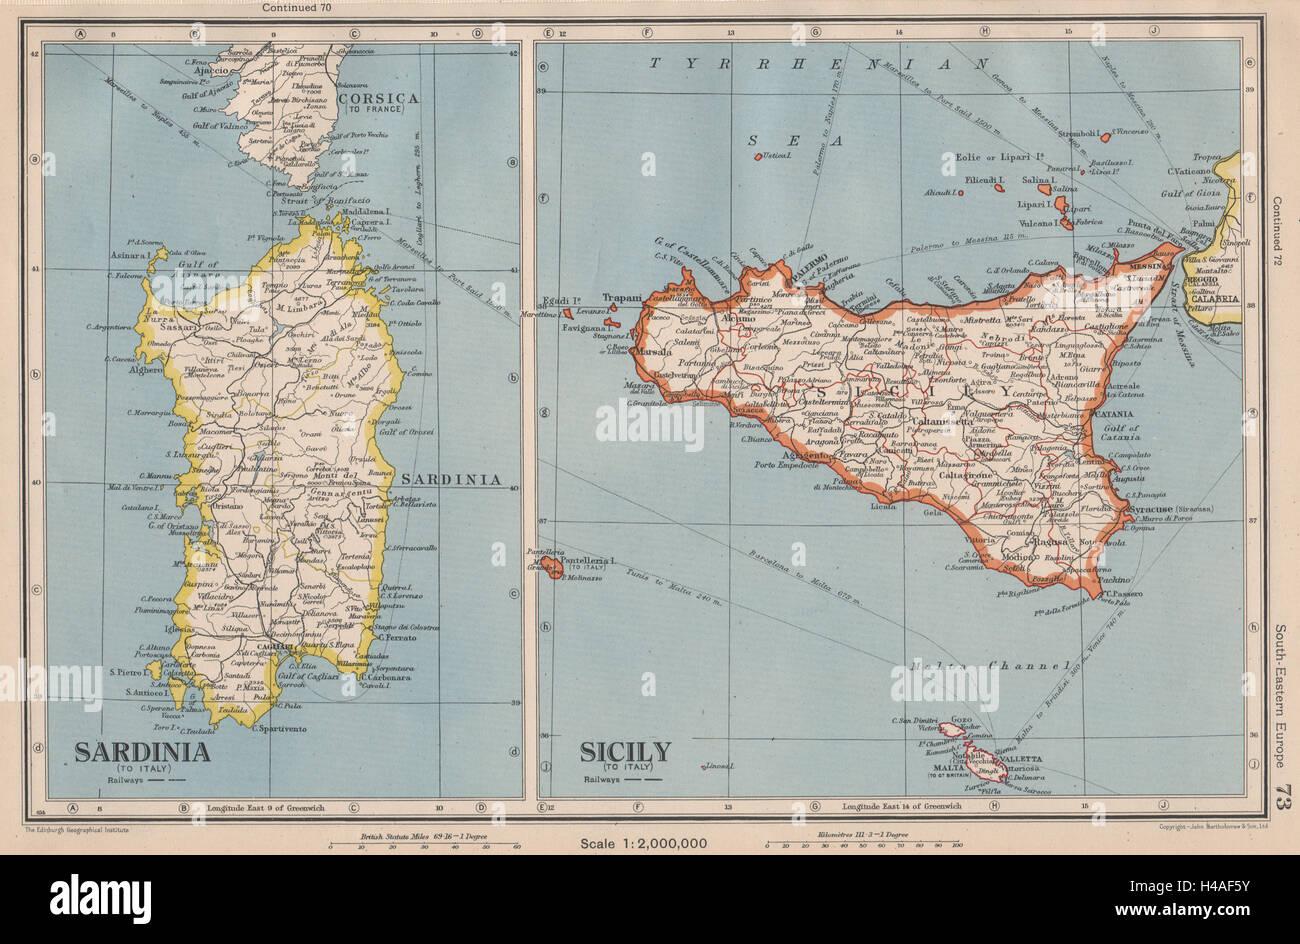 Isole Sardegna Cartina.L Italia La Sicilia E La Sardegna Sardegna Isole Eolie Bartolomeo 1944 Mappa Vecchia Foto Stock Alamy